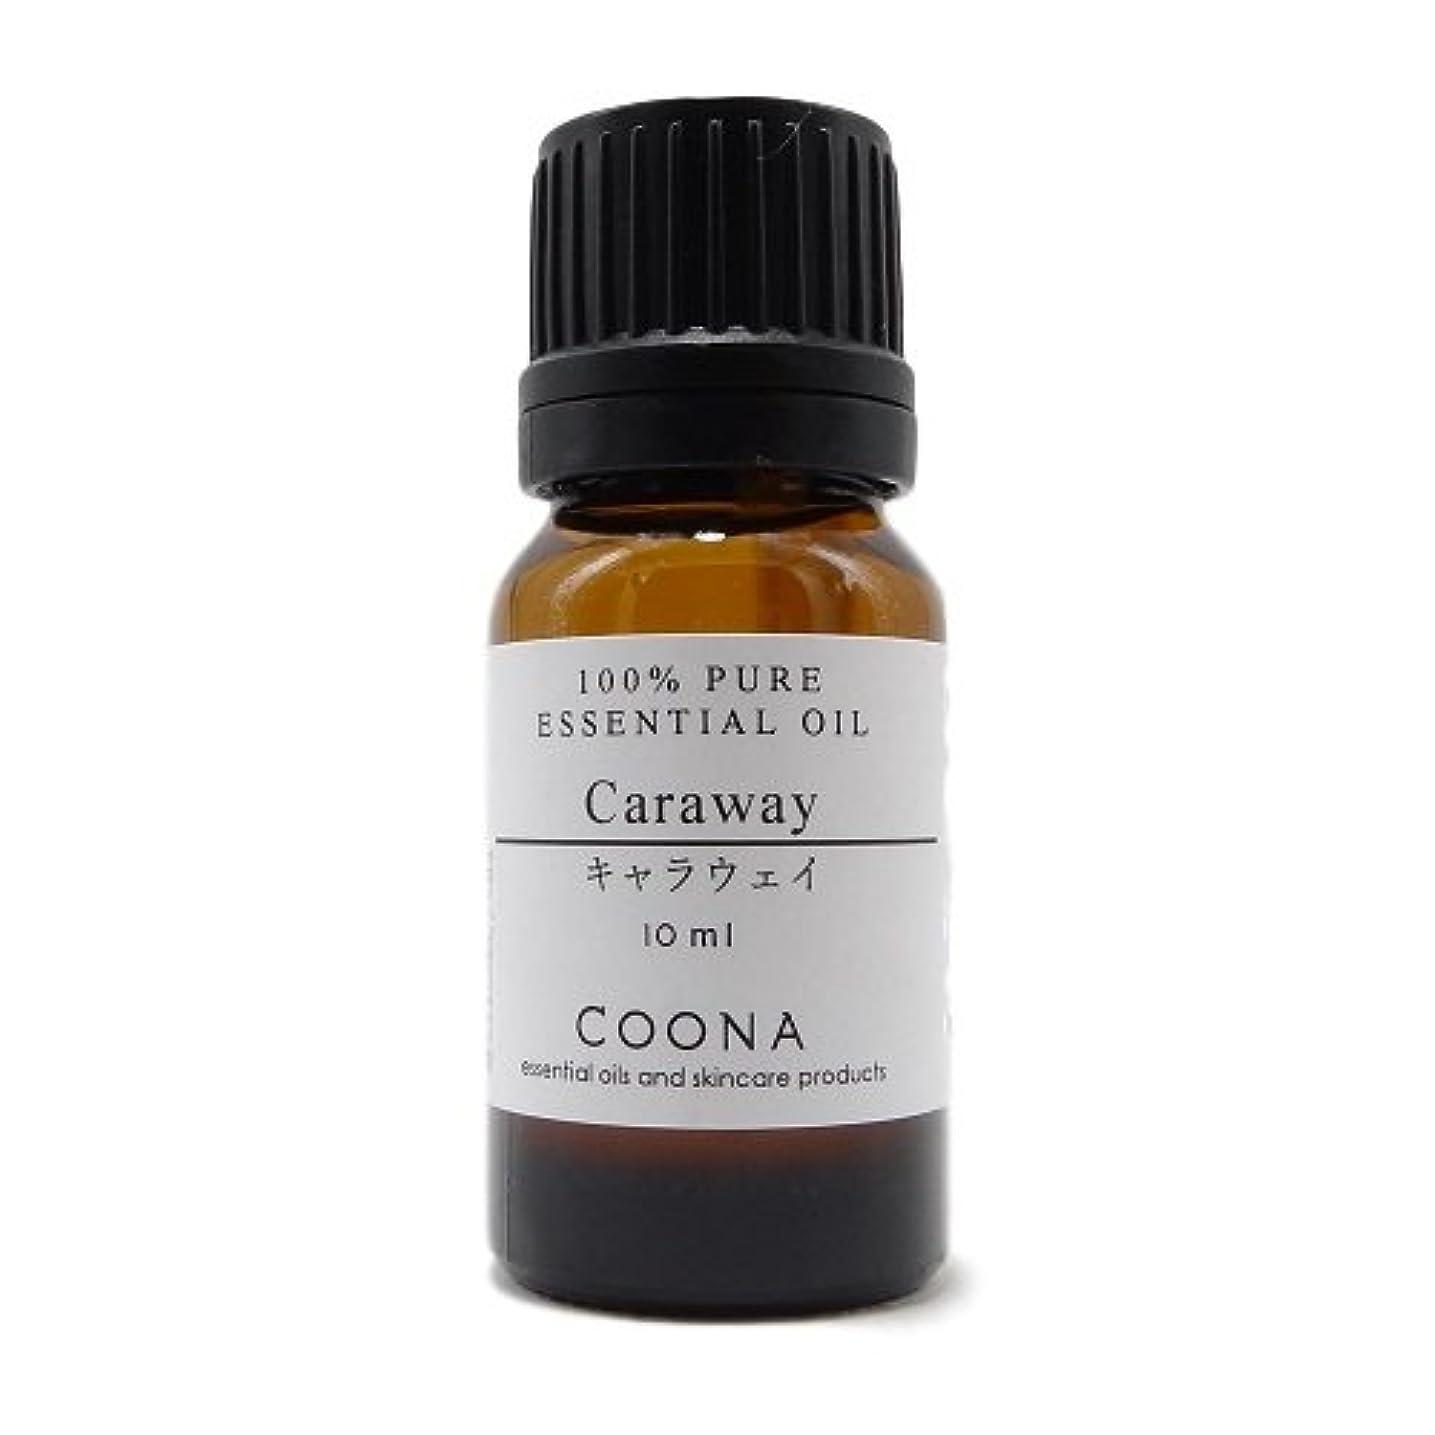 ビルぎこちない不適切なキャラウェイ 10 ml (COONA エッセンシャルオイル アロマオイル 100%天然植物精油)